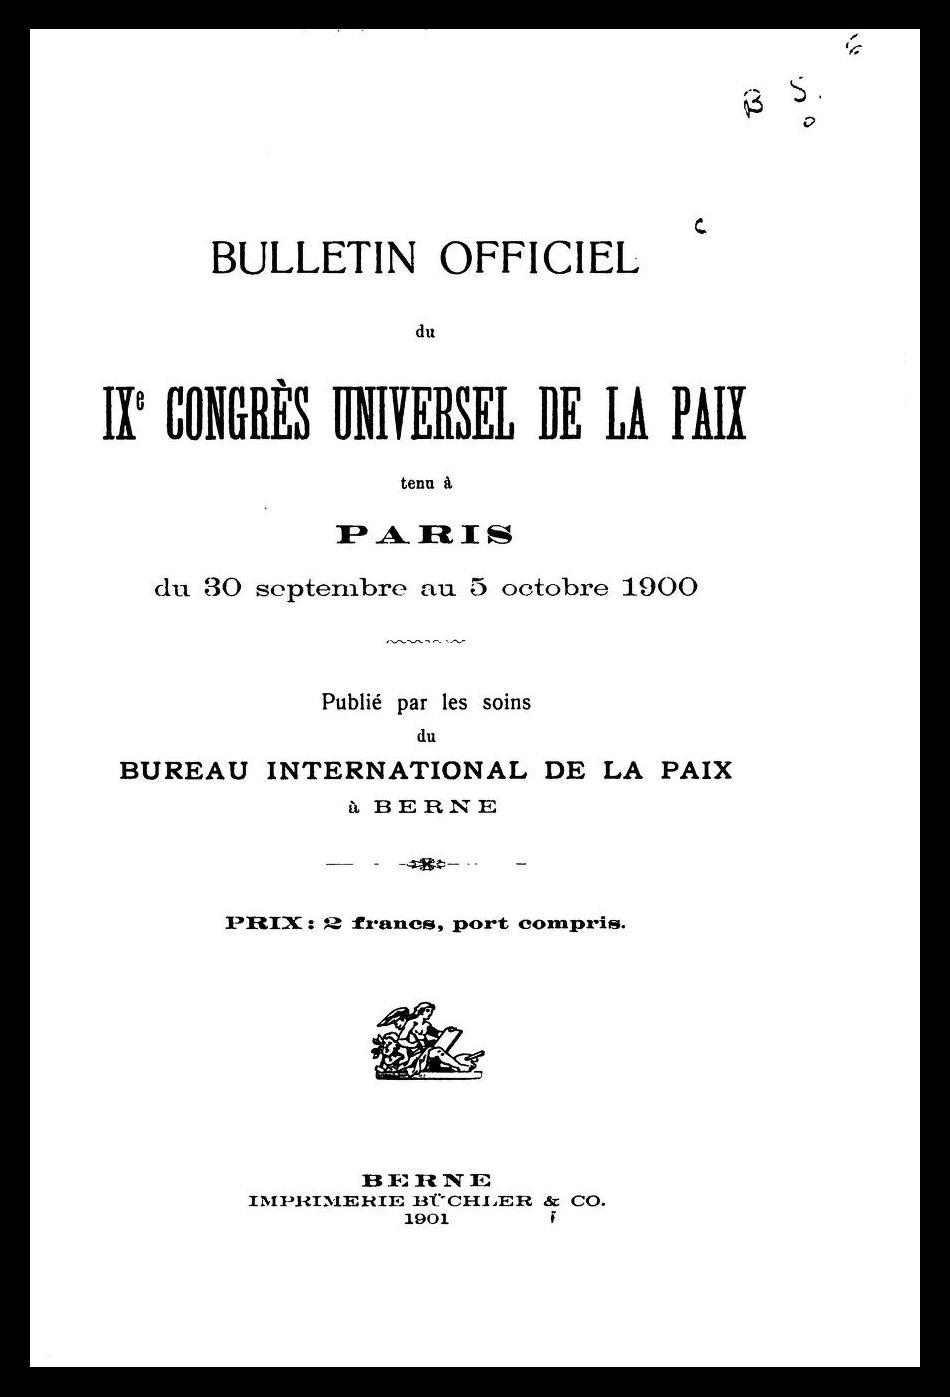 Bulletin officiel du IX<sup>e</sup> Congrès universel de la Paix, publié par le Bureau international de la Paix